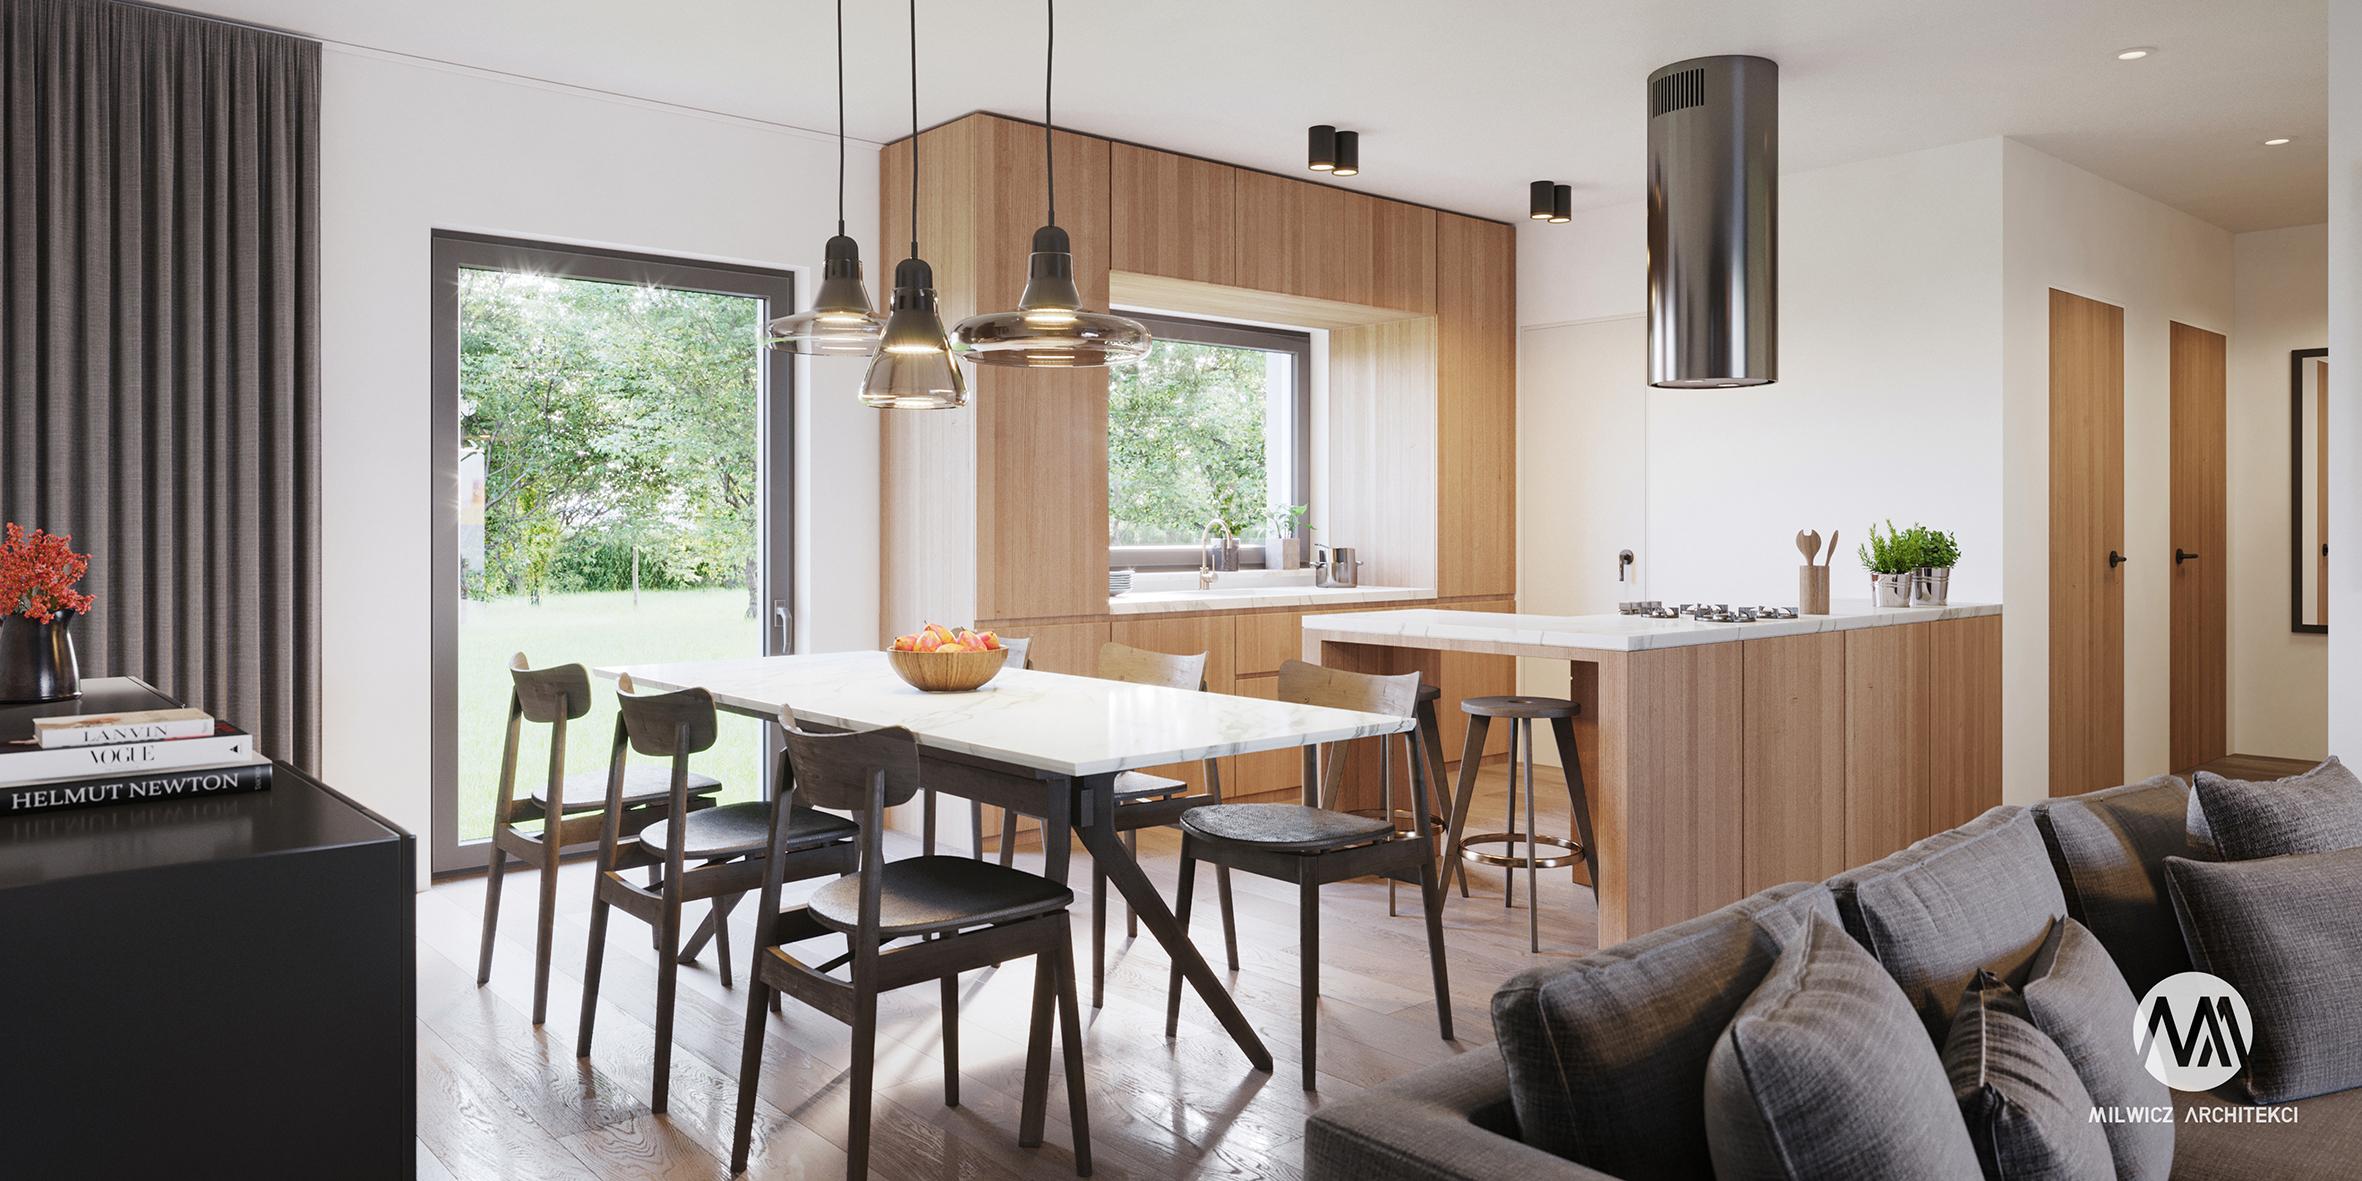 projekt D126, projekt wnętrz, nowoczesne wnętrza, kuchnia